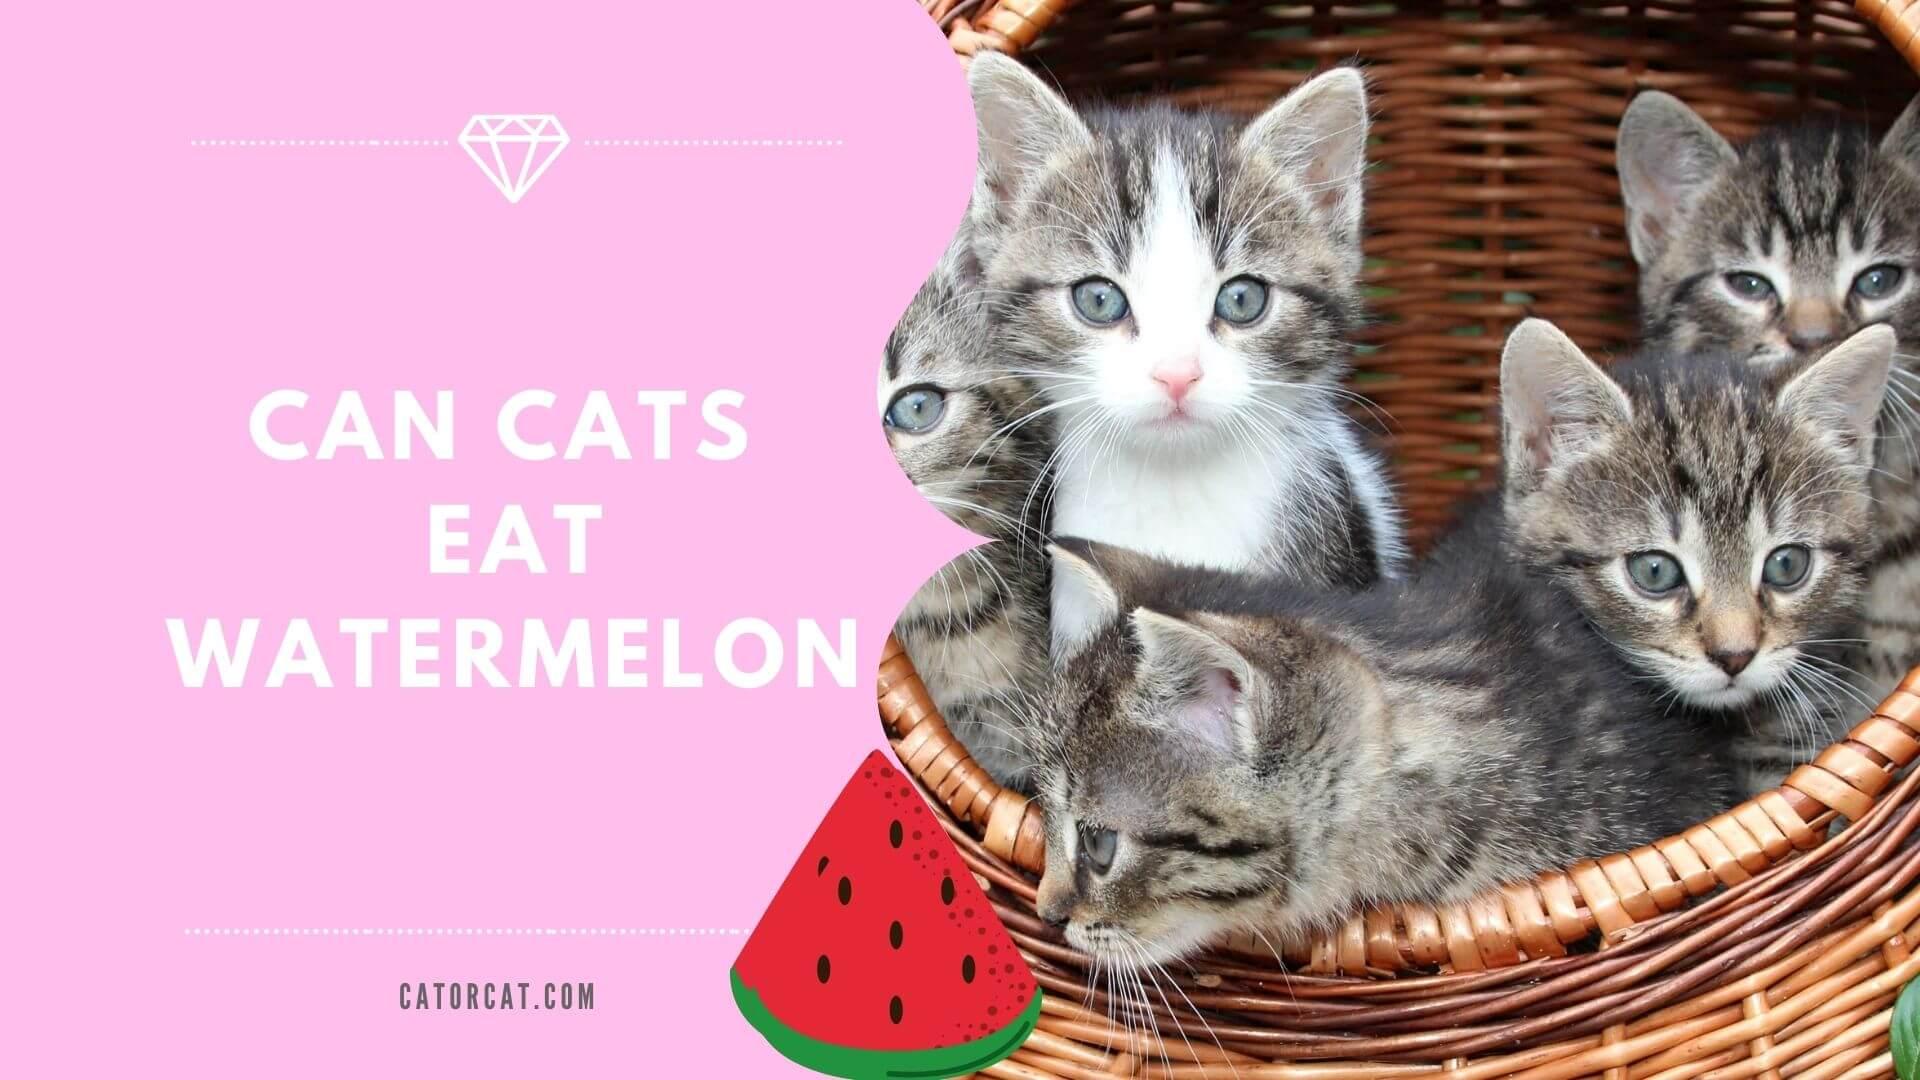 ¿Pueden los gatos comer sandía?